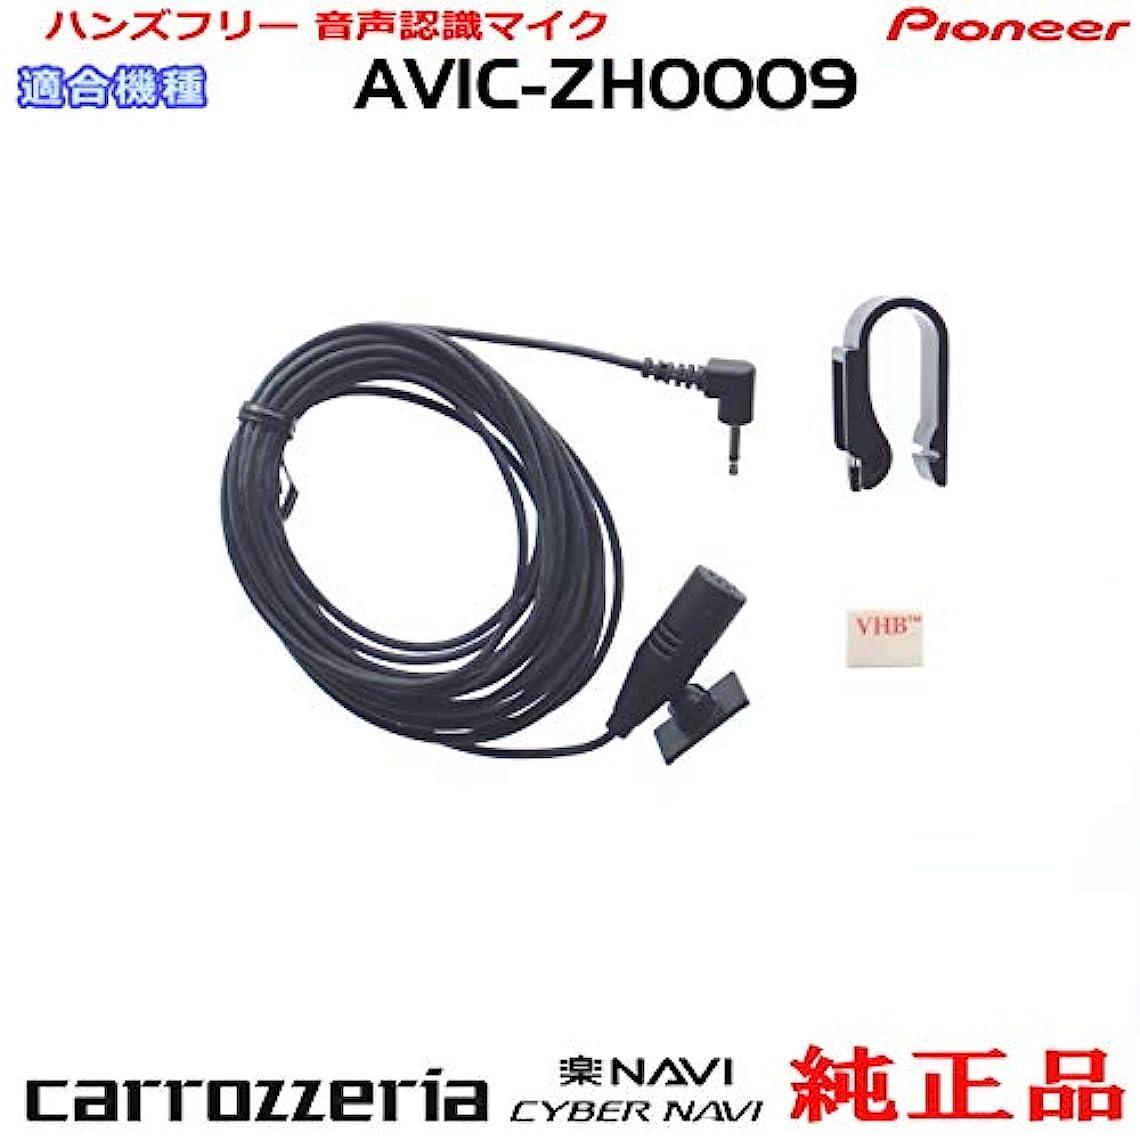 会社リークストローパイオニア カロッツェリア AVIC-ZH0009 純正品 ハンズフリー 音声認識マイク 新品 (M09